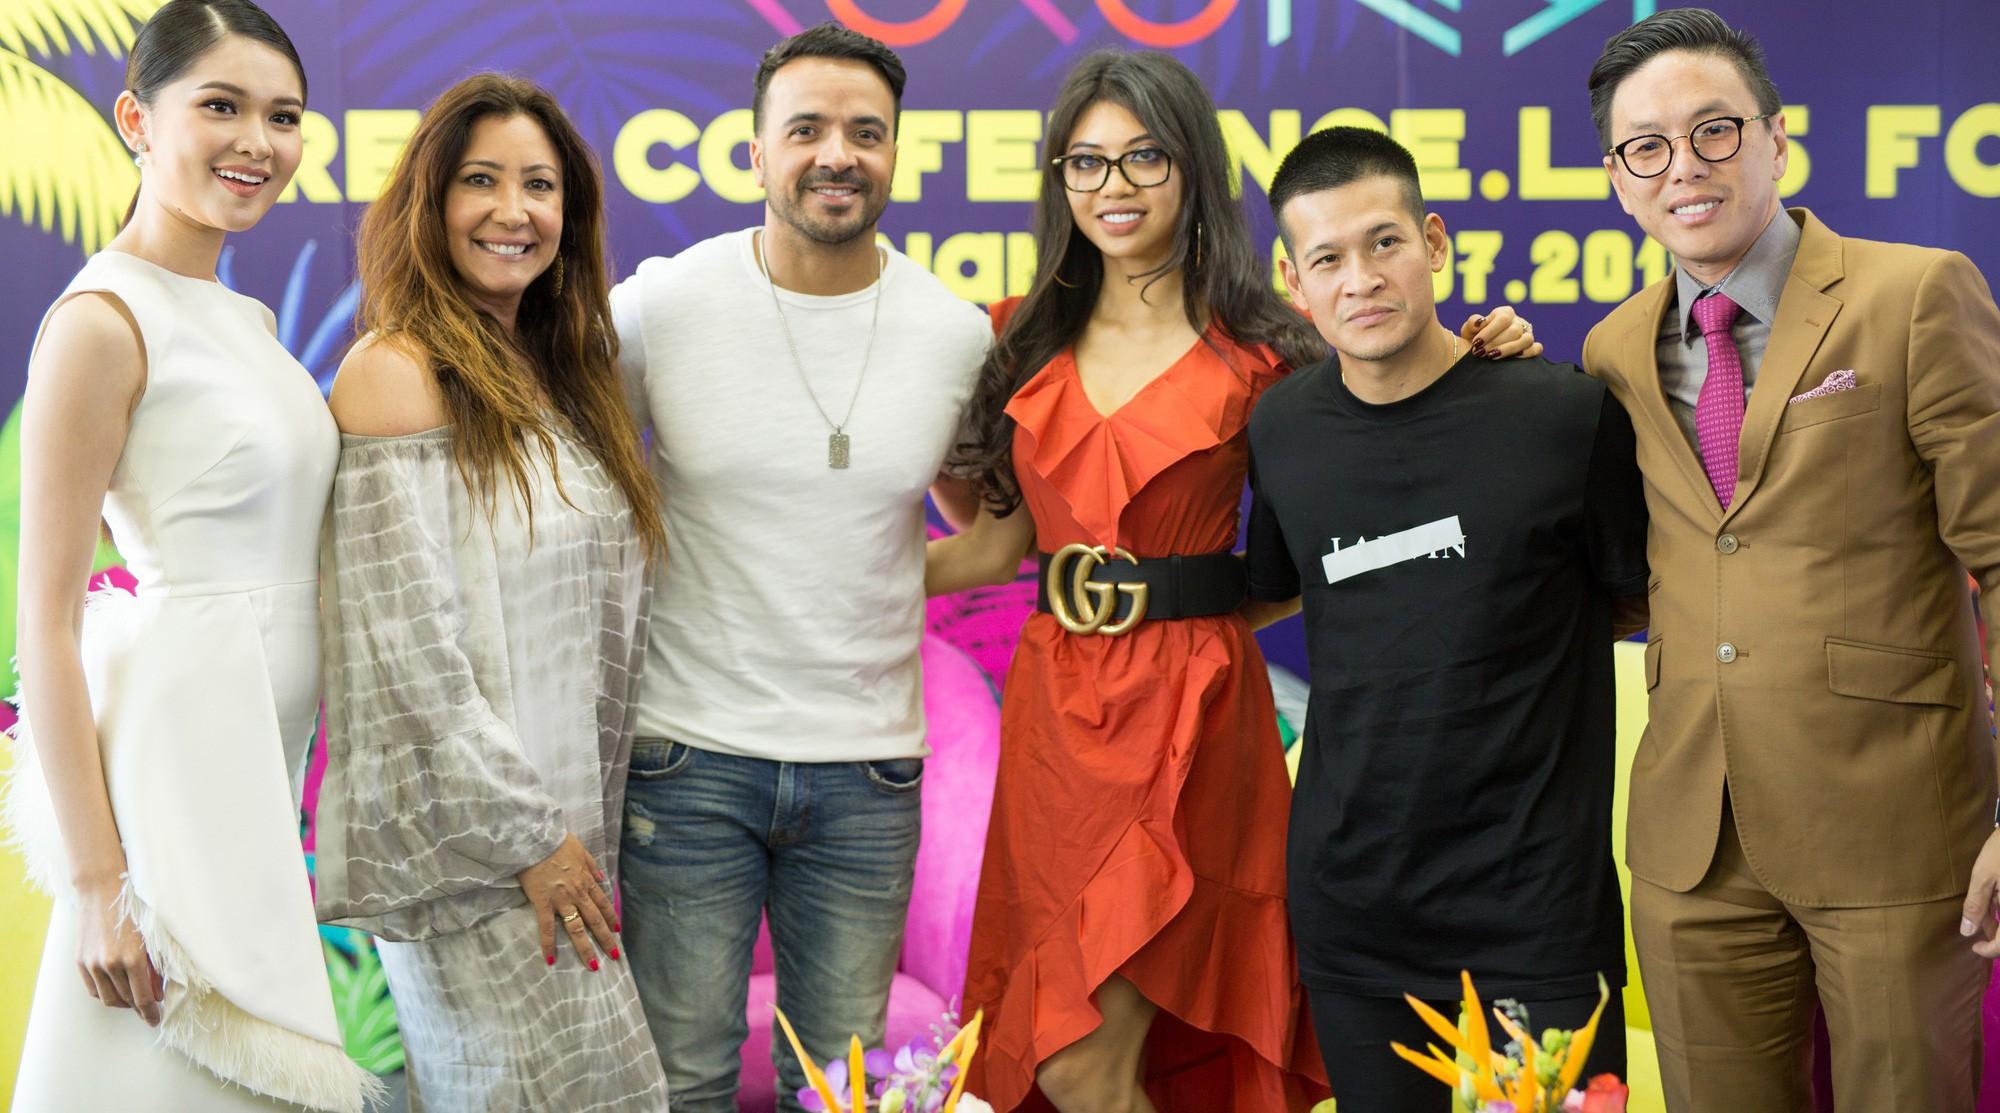 Vắng Justin Bieber và Daddy Yankee, Luis Fonsi sẽ biểu diễn bản phối mới của Despacito trước khán giả Đà Nẵng - Ảnh 4.